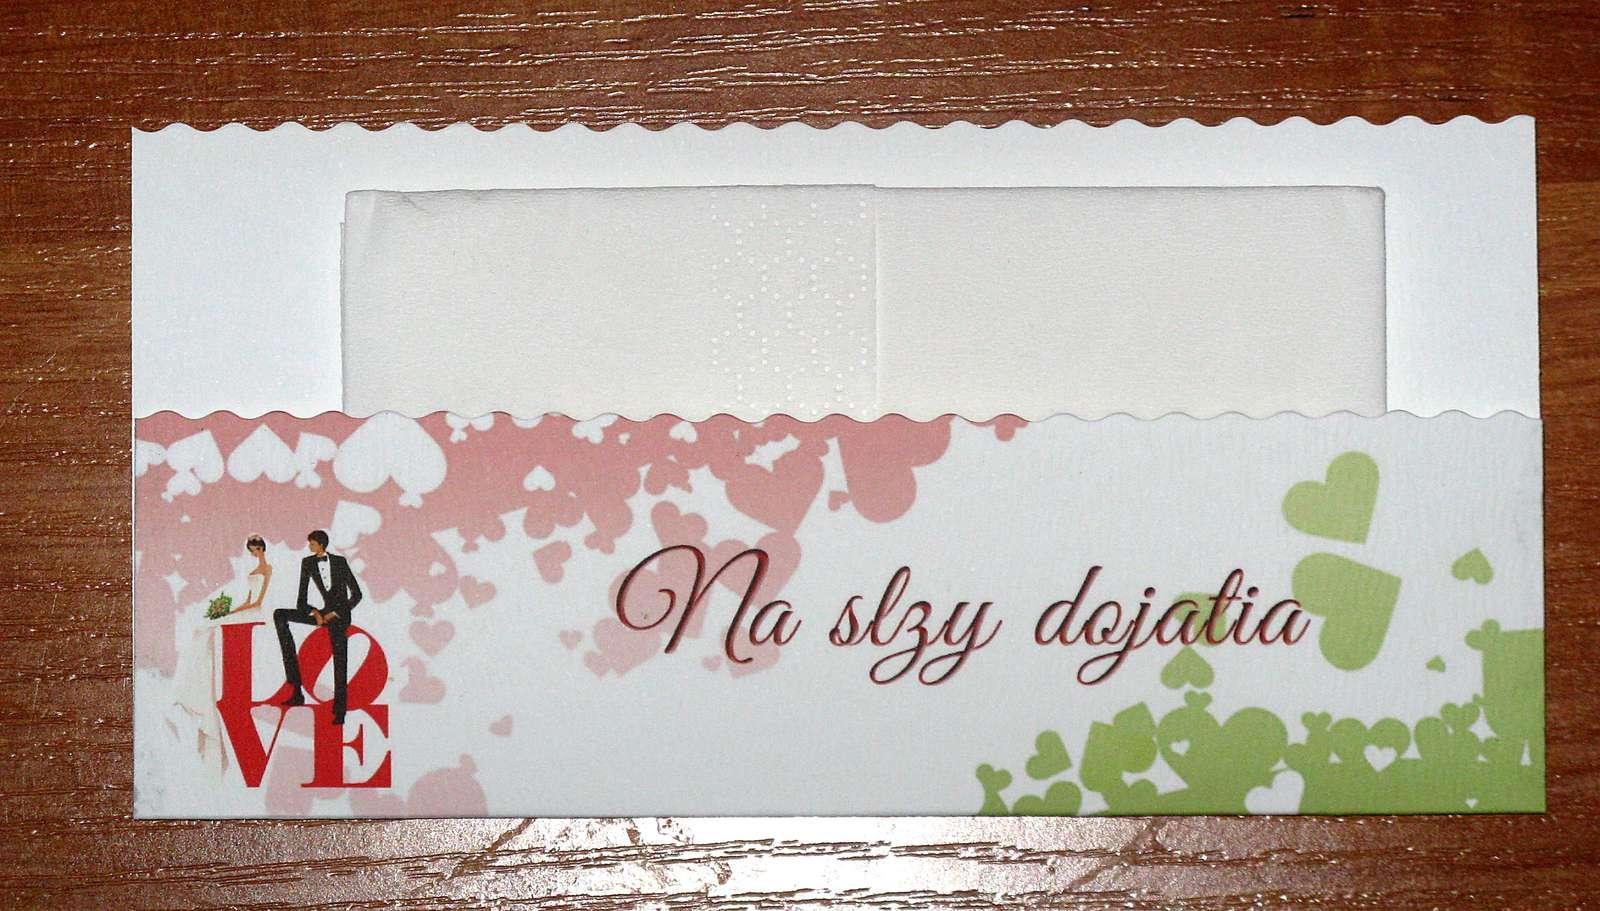 Obálky na servítky - na slzy šťastia. - Obrázok č. 1